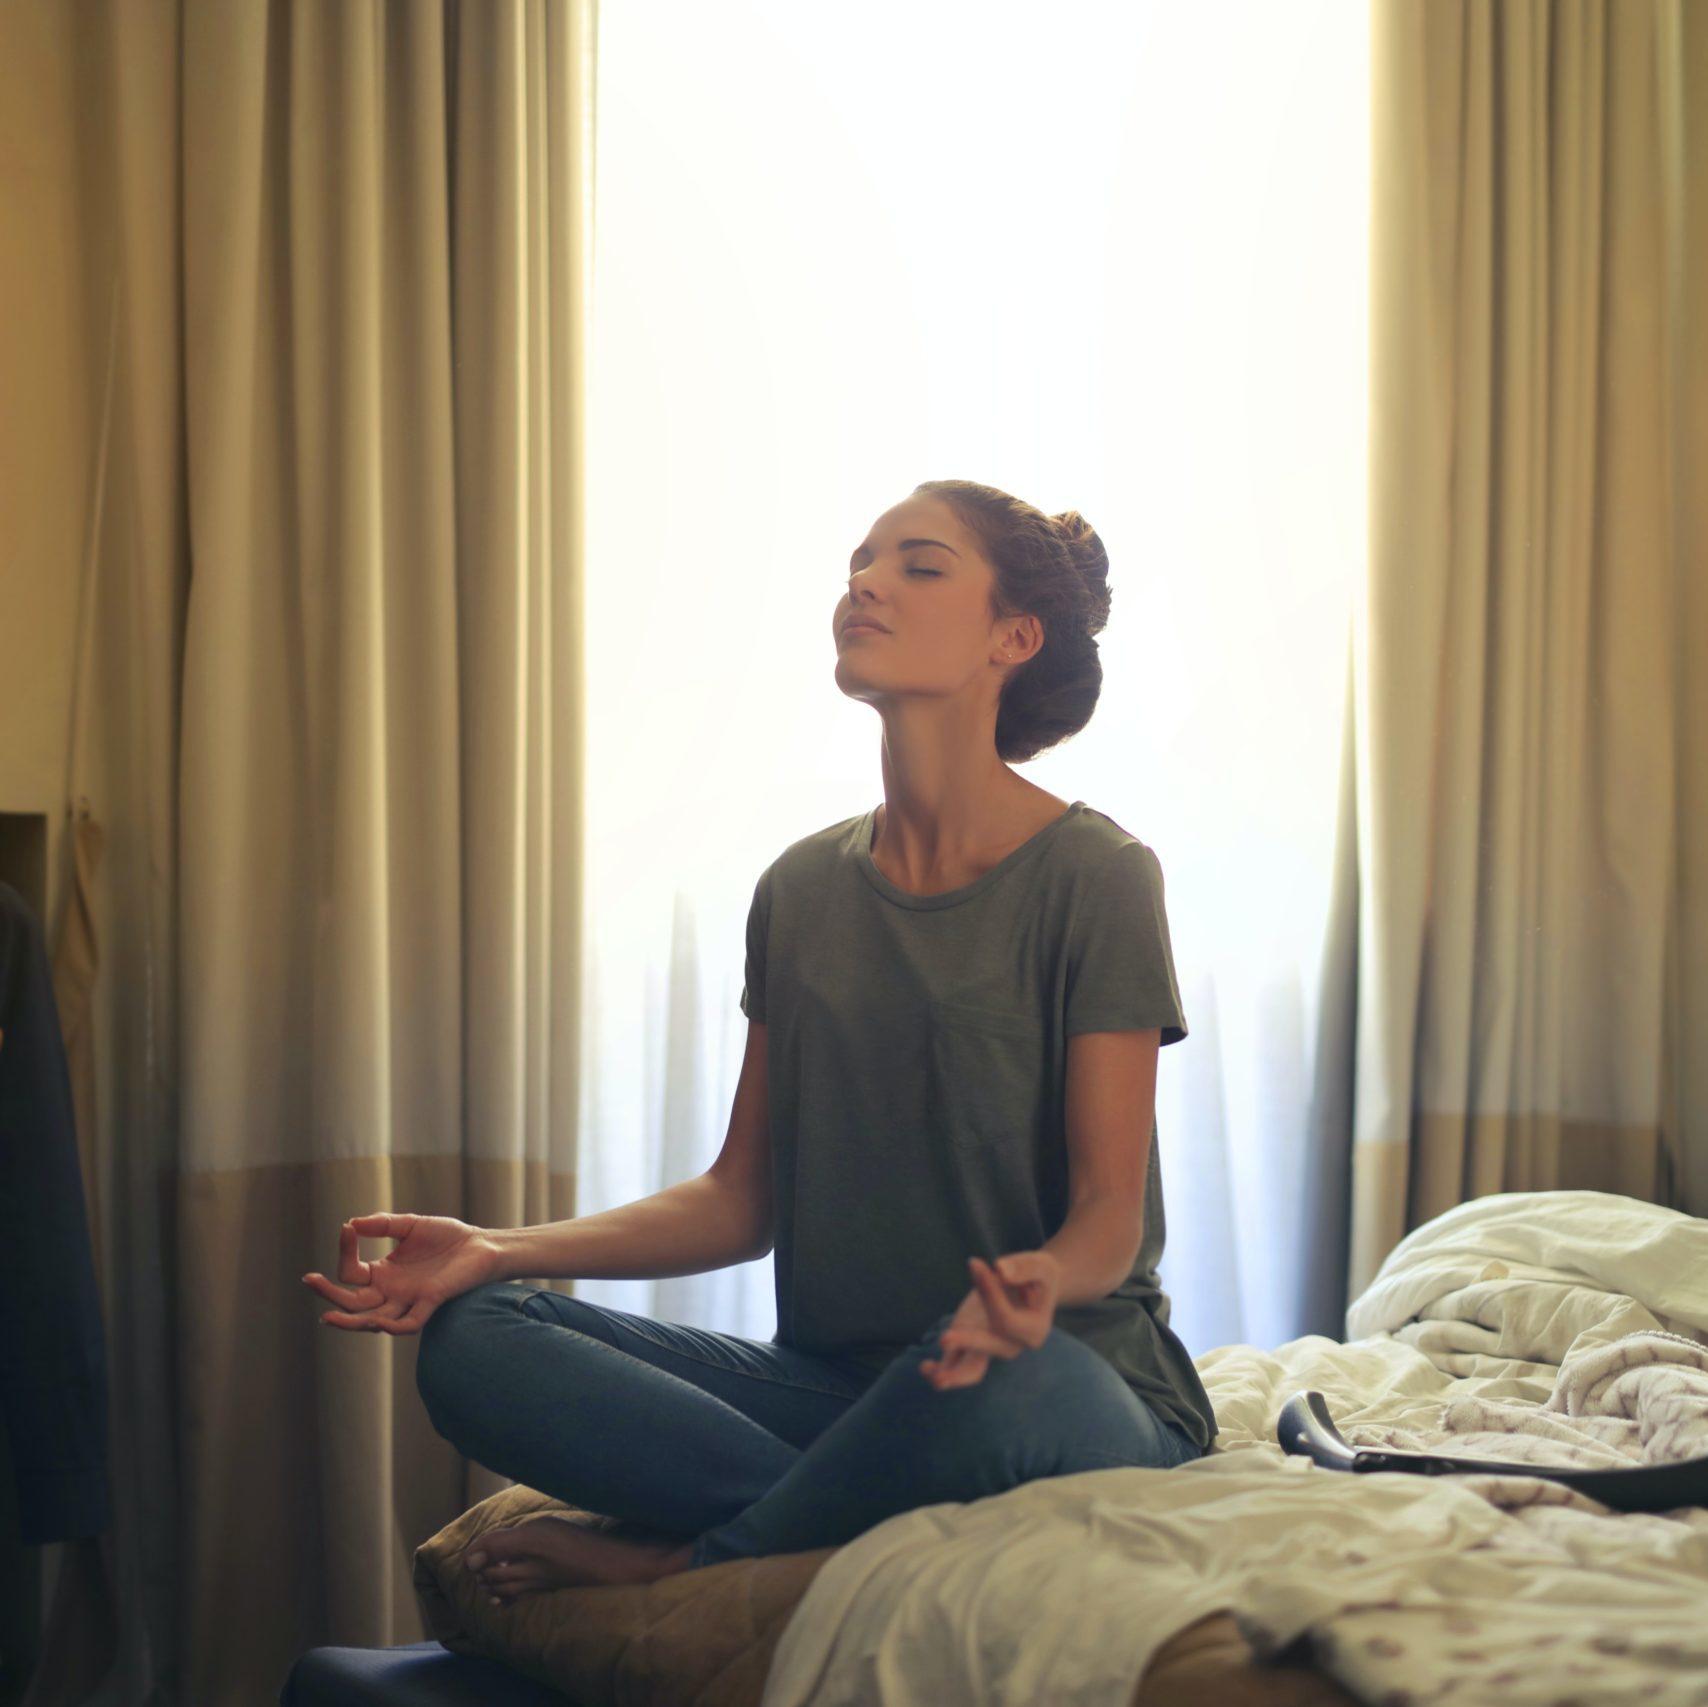 Chica sentada en la cama de su cuarto meditando